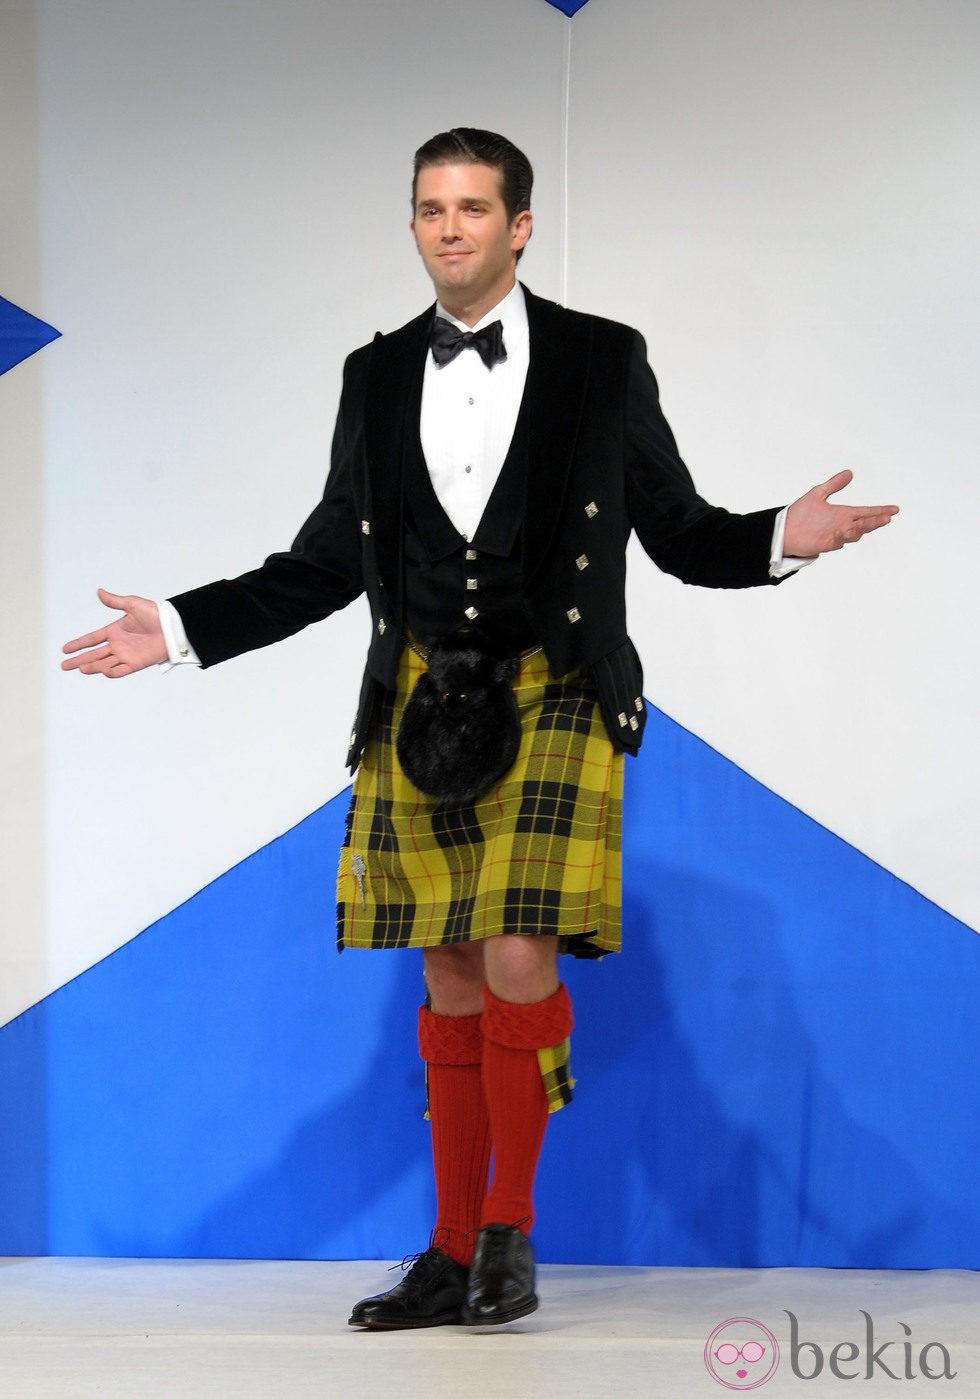 Donald Trump Jr. desfilando con una 'kilt' en el 9th desfile de faldas escocesas